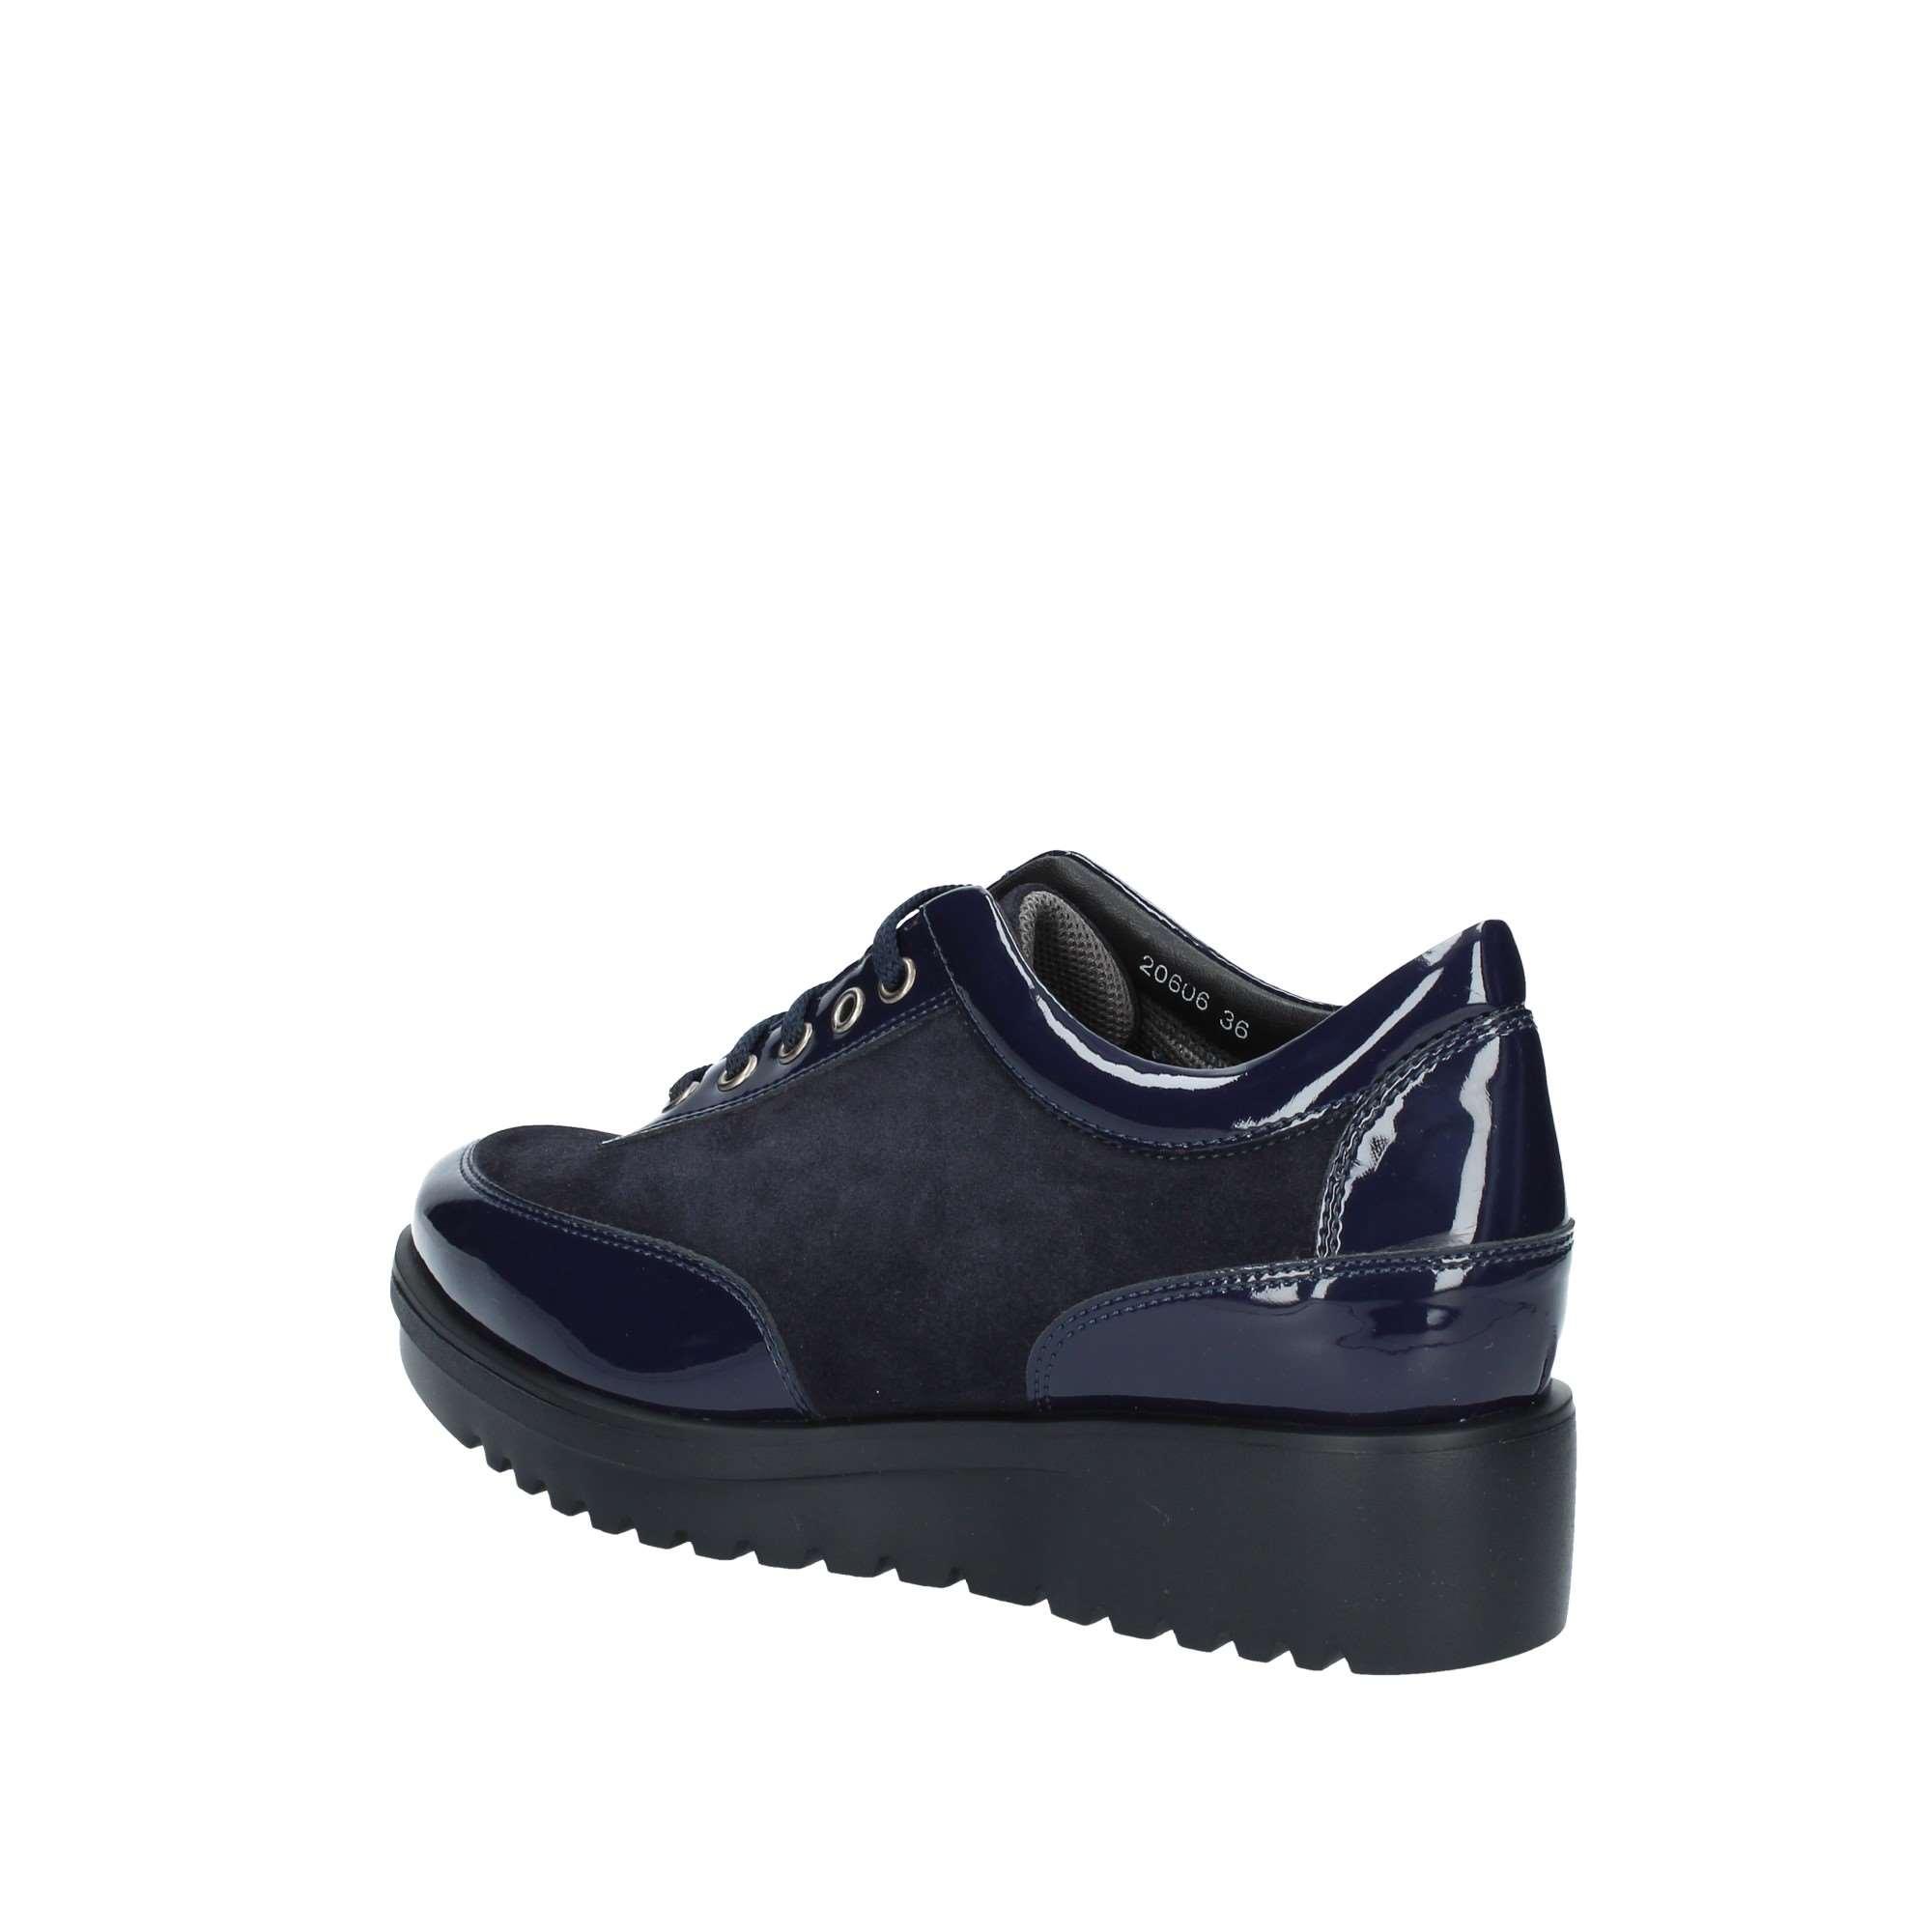 Autunno inverno Haven Donna Stone Sneakers 20606 qwR8qZI1